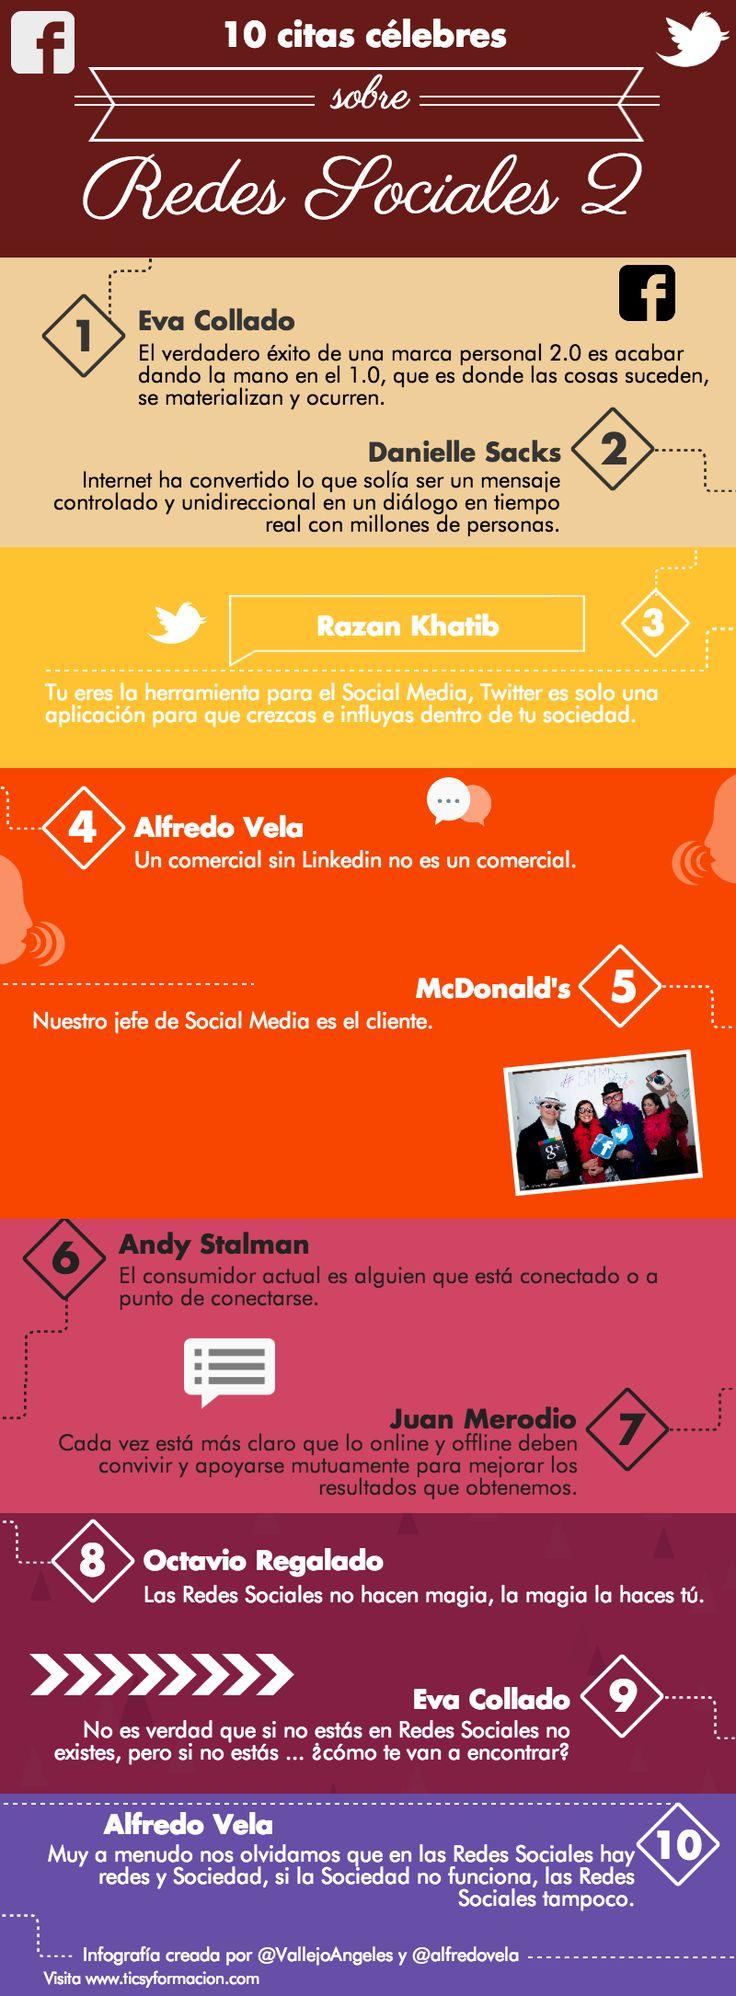 10 citas célebres sobre Redes Sociales 2